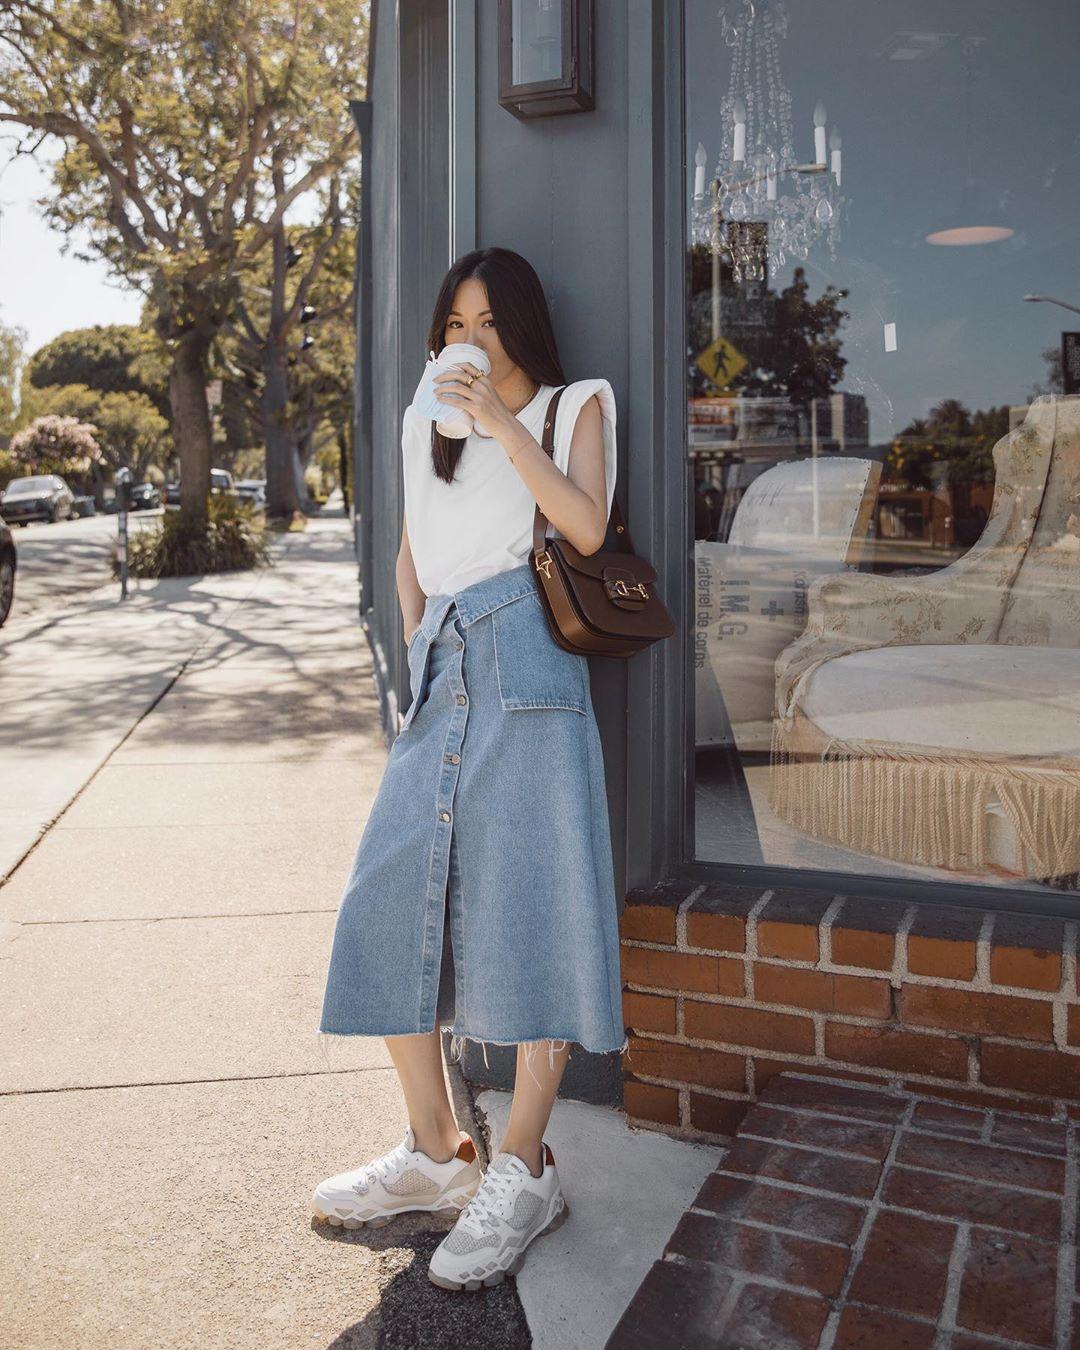 tantastic mặc đẹp với giày thể thao đế thô phong cách thời trang oldschool